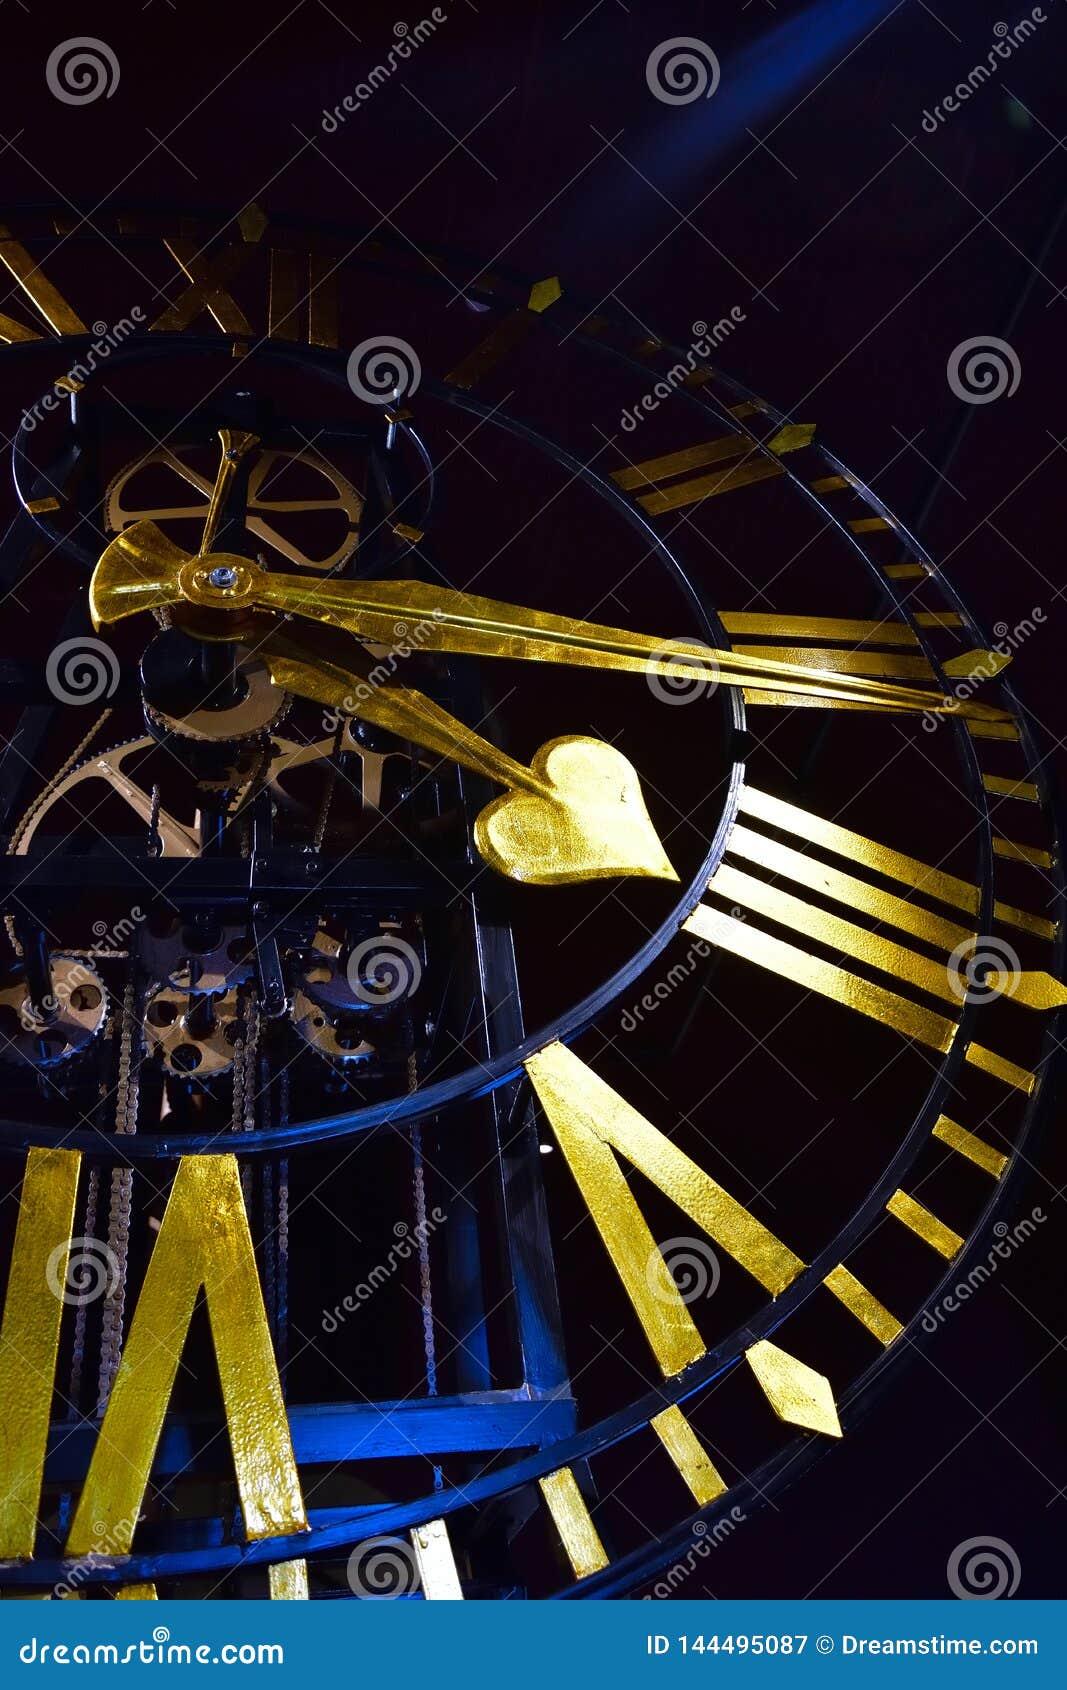 W górę antycznego ciemnego kośca zegaru z złotymi rękami i rzymskimi liczebnikami